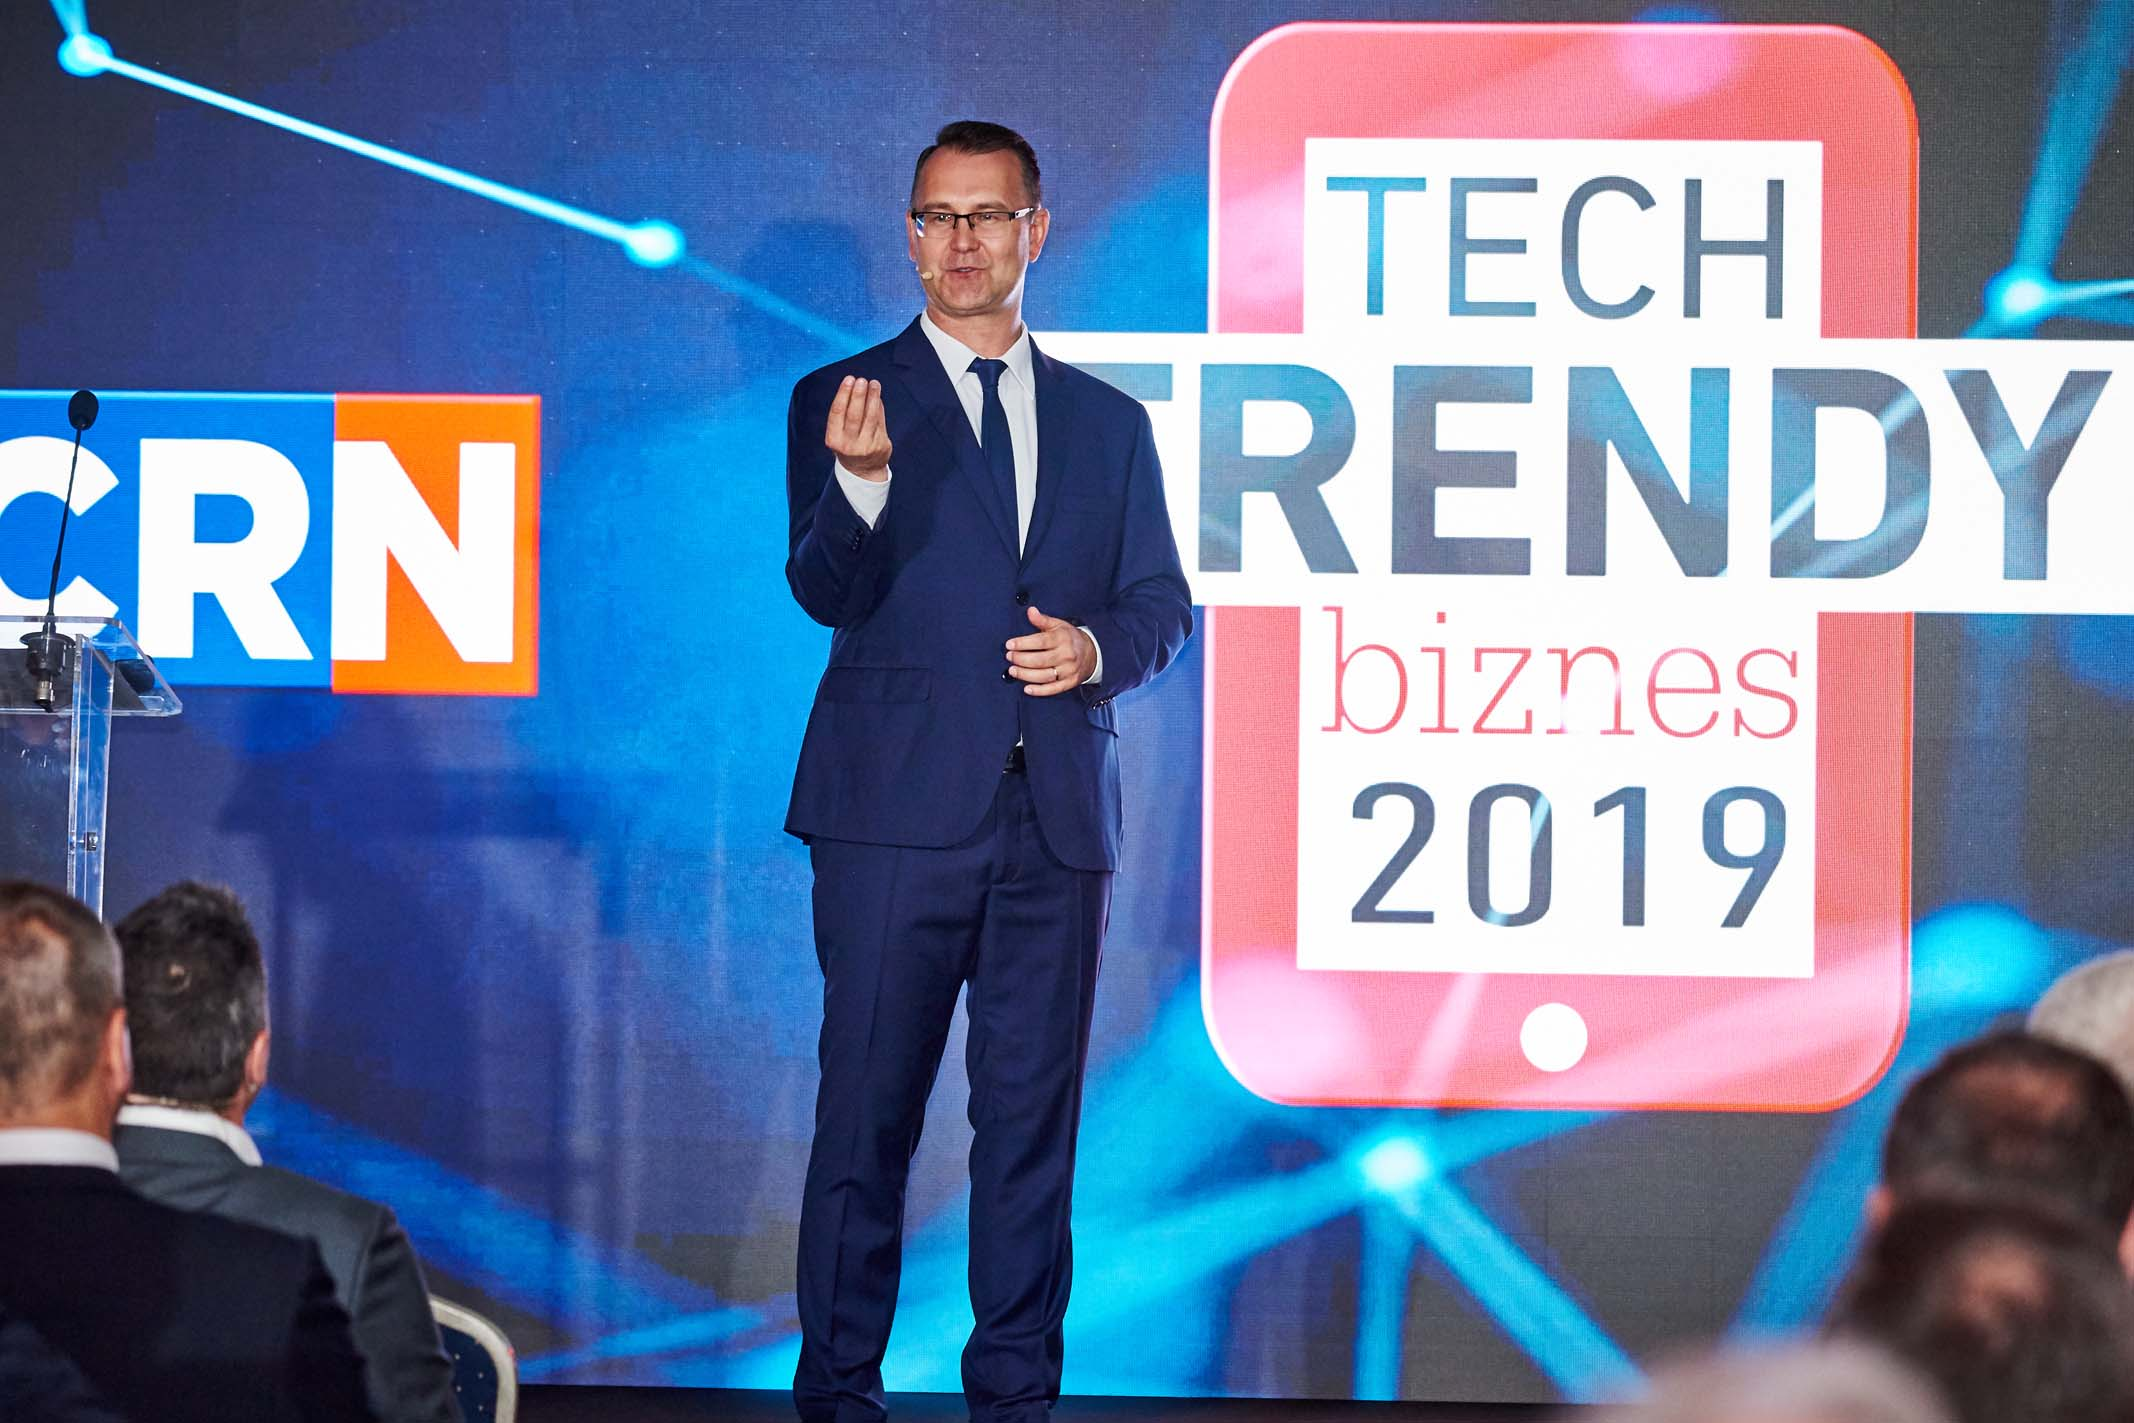 Gala Tech Trendy Biznes 2019